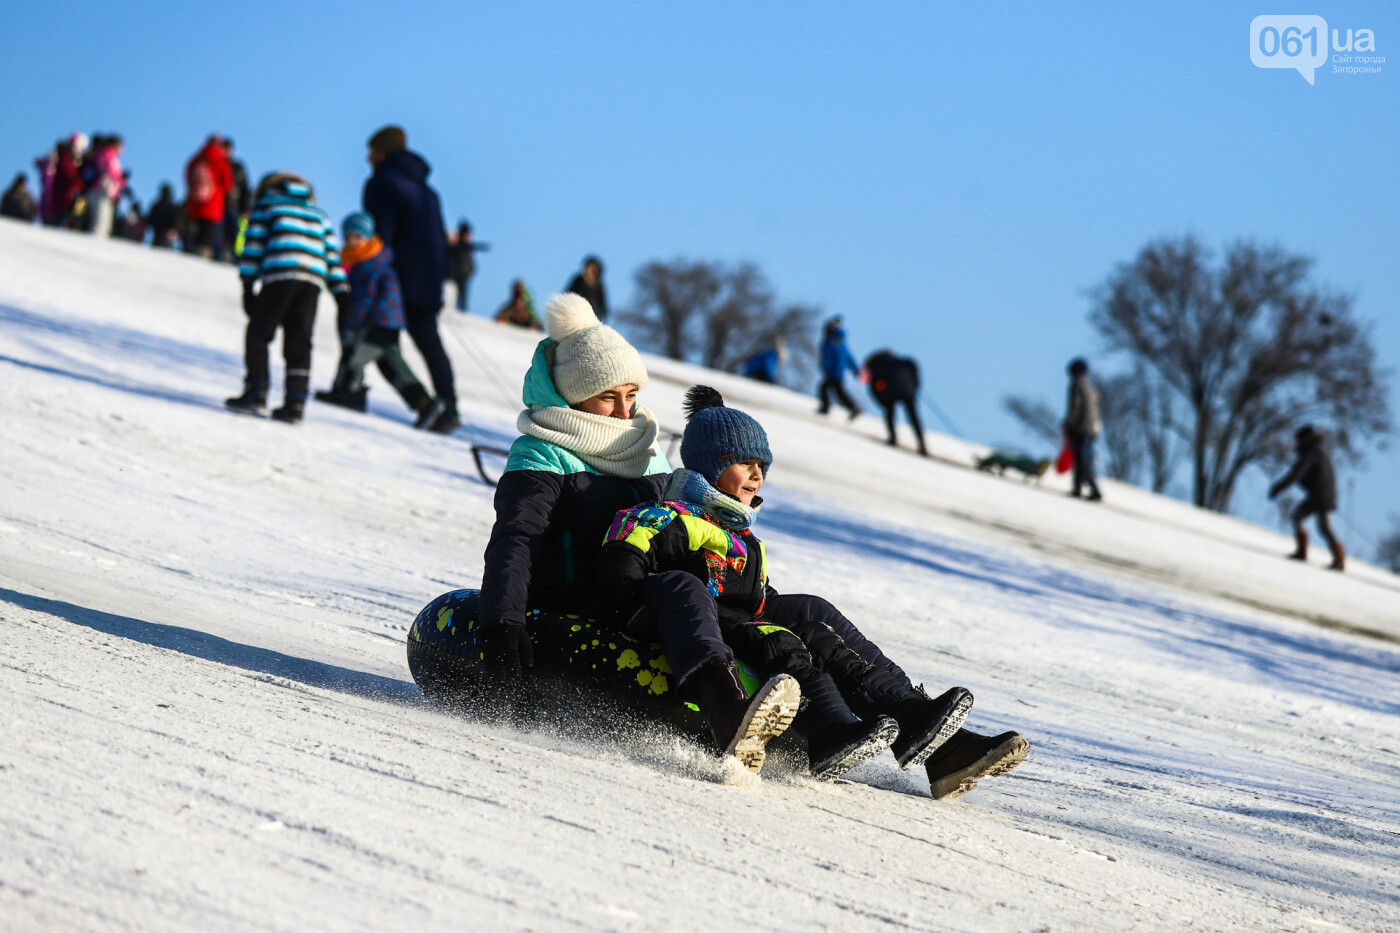 На санках, лыжах и сноуборде: запорожцы устроили массовое катание с горок в Вознесеновском парке, - ФОТОРЕПОРТАЖ, фото-83